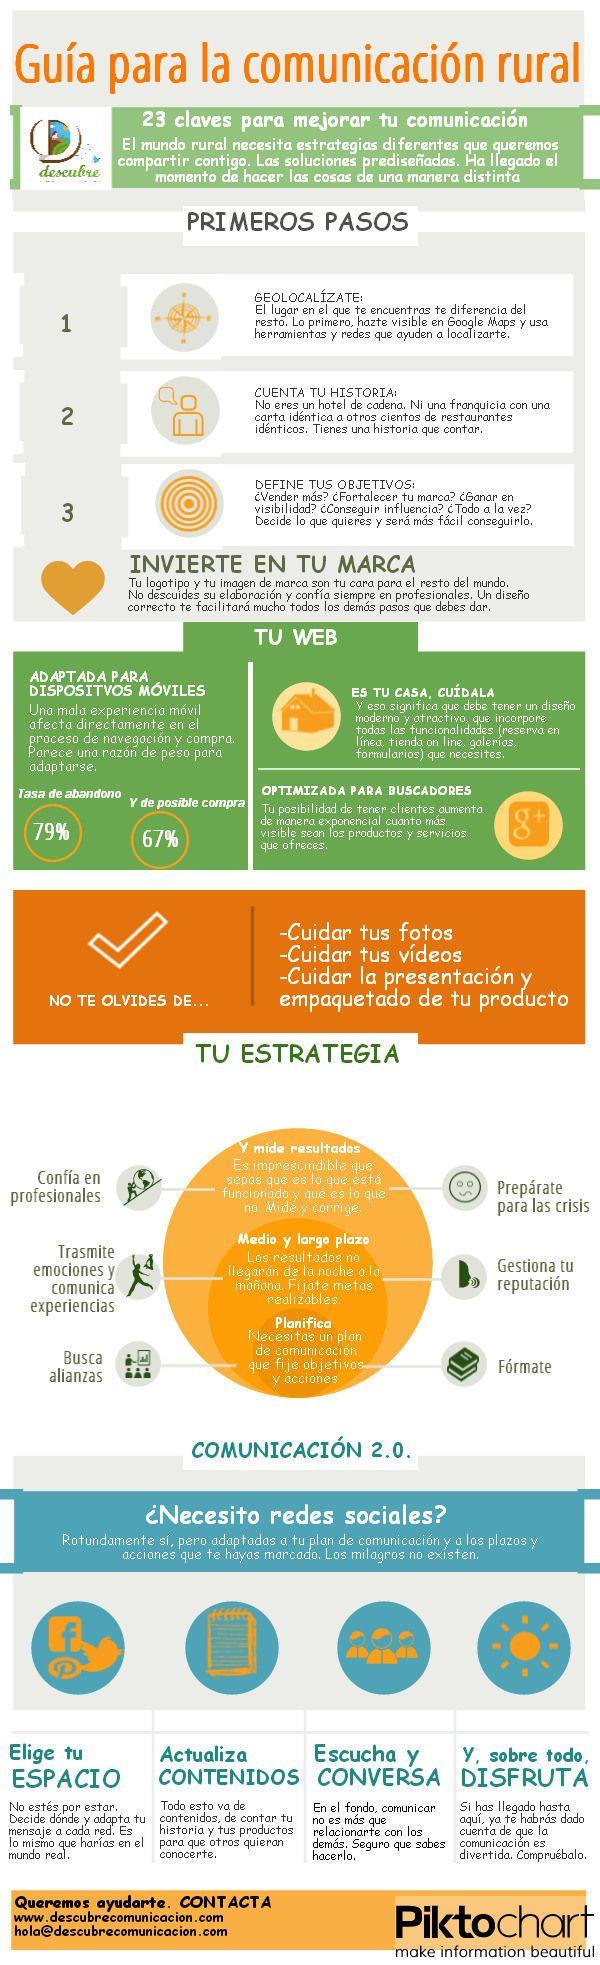 Guía de comunicación para la empresa rural #infografia